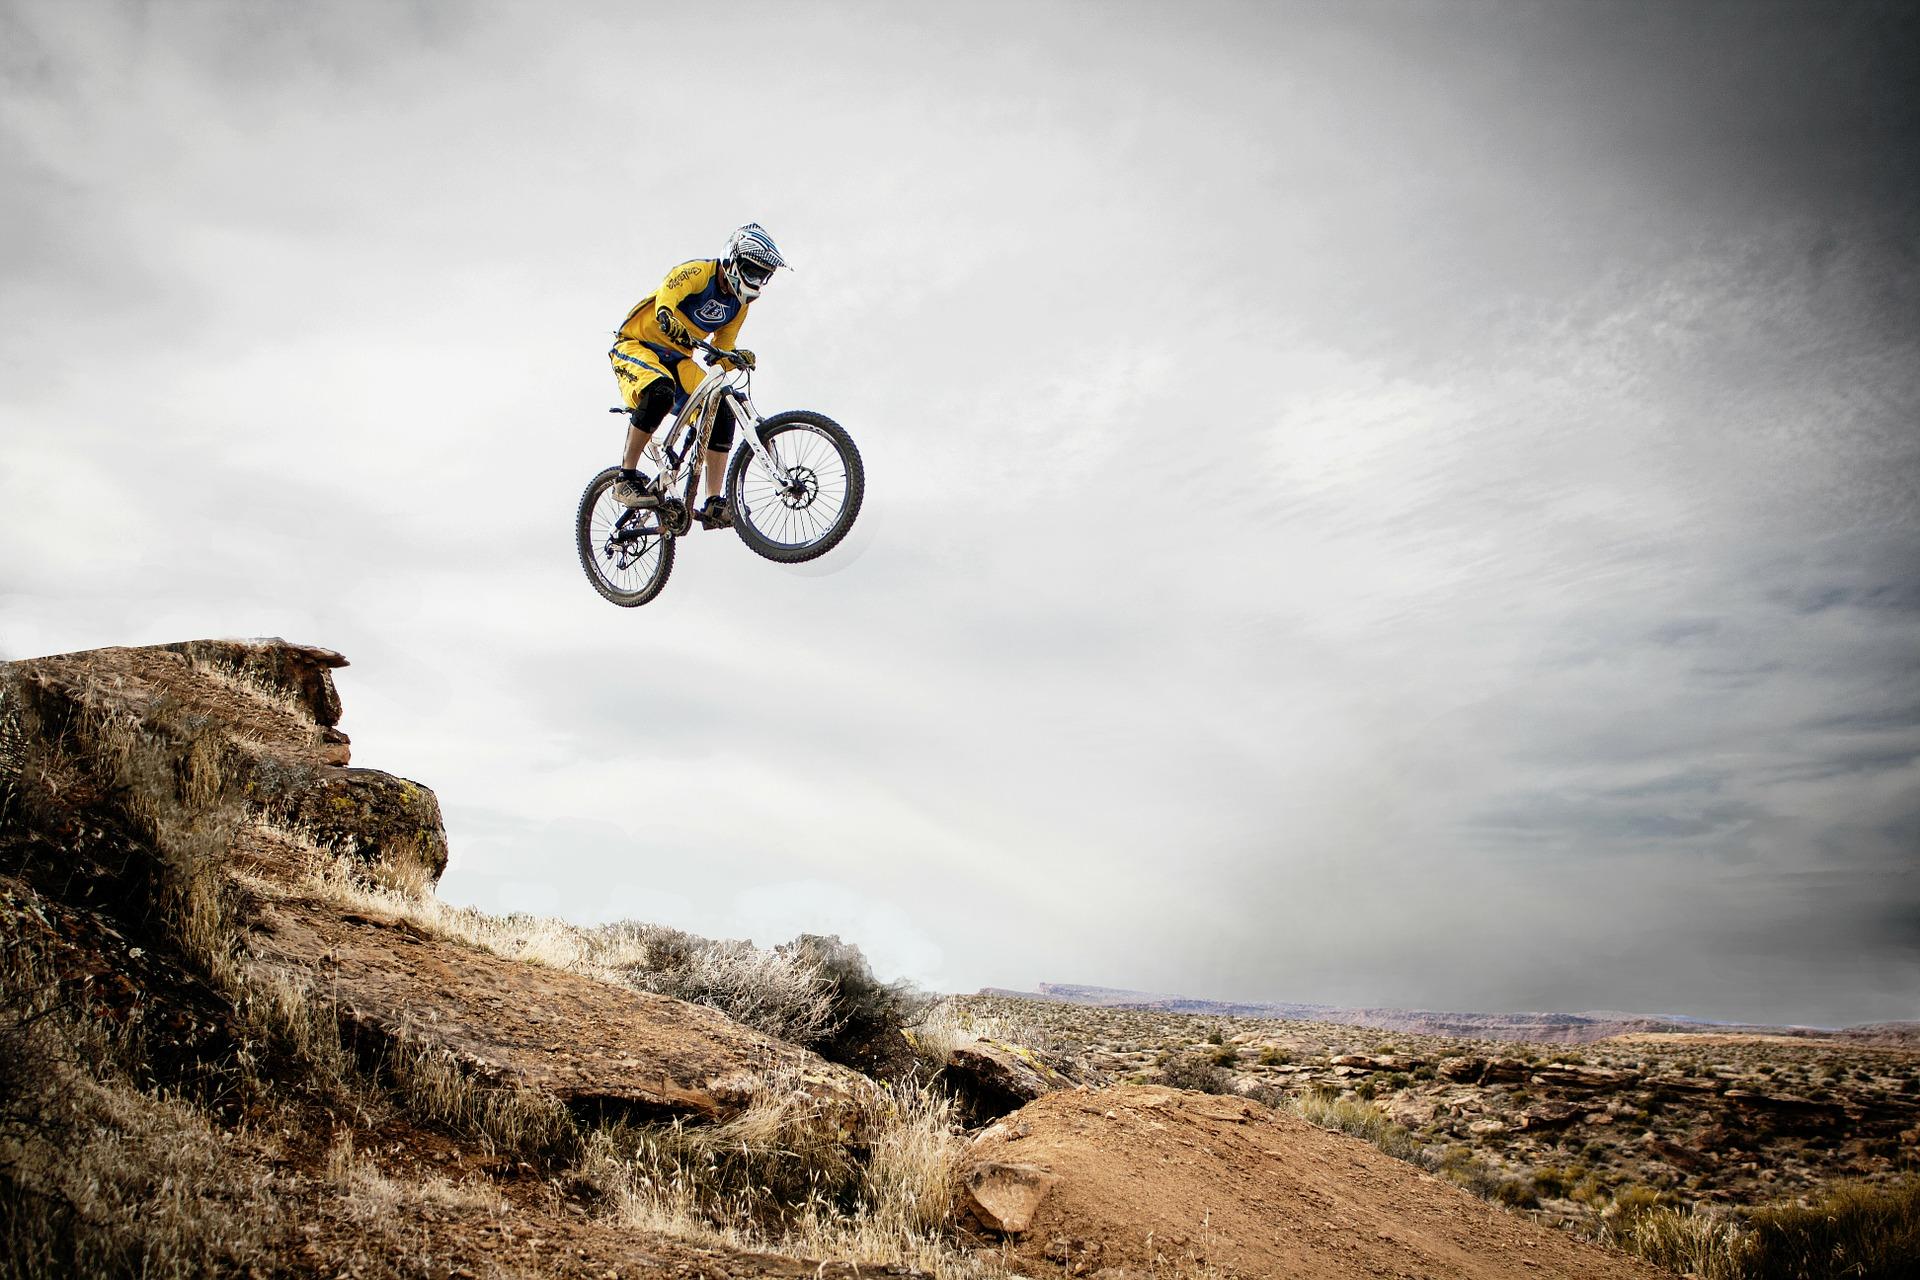 ciclista, salto, rischio, azione, fine - Sfondi HD - Professor-falken.com